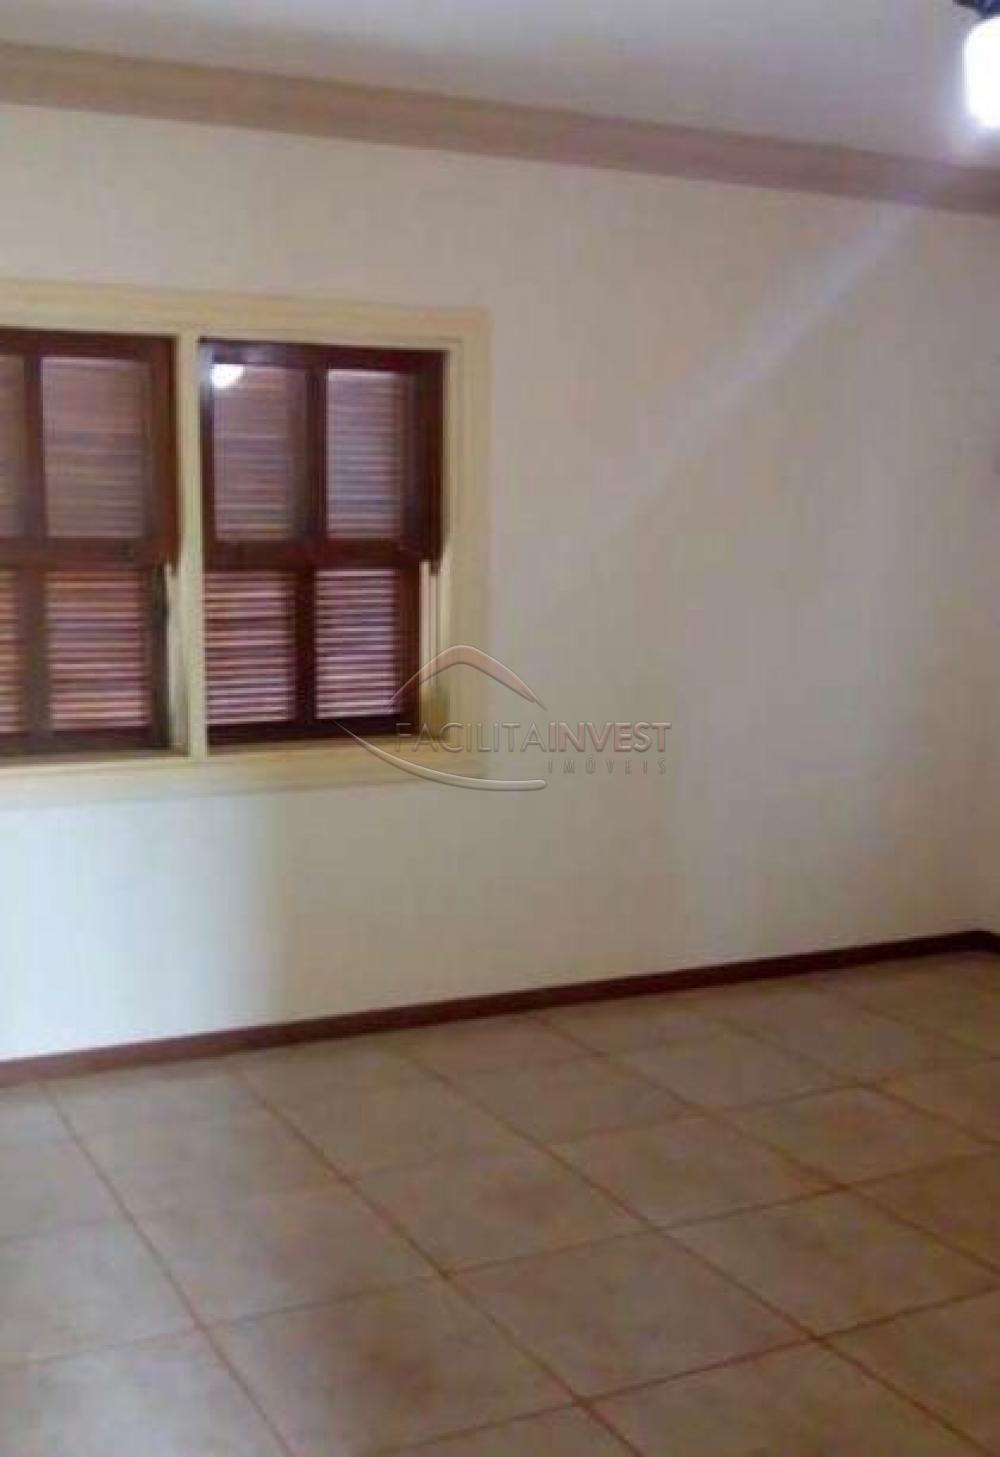 Comprar Casa Condomínio / Casa Condomínio em Ribeirão Preto apenas R$ 2.500.000,00 - Foto 6